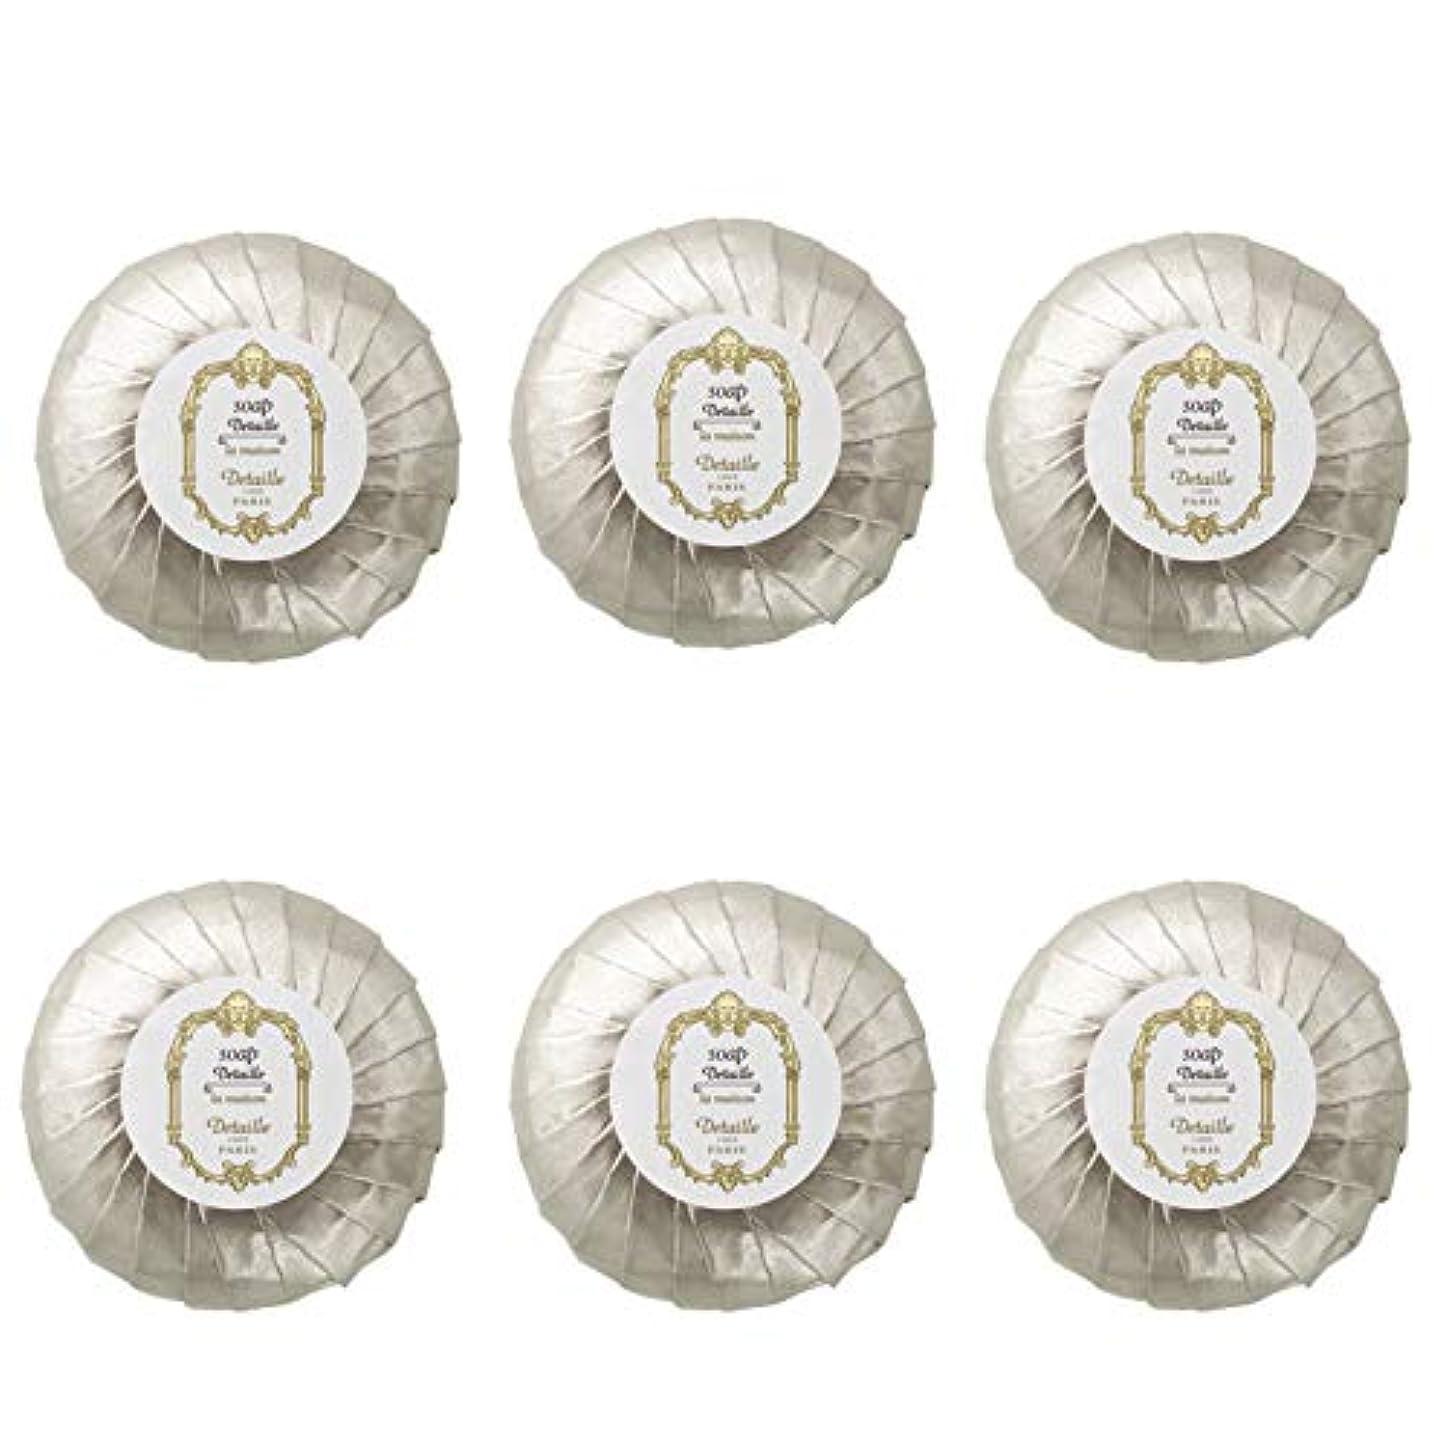 アーチ収穫フィラデルフィアPOLA デタイユ ラ メゾン スキンソープ 固形石鹸 (プリーツ包装) 50g×6個